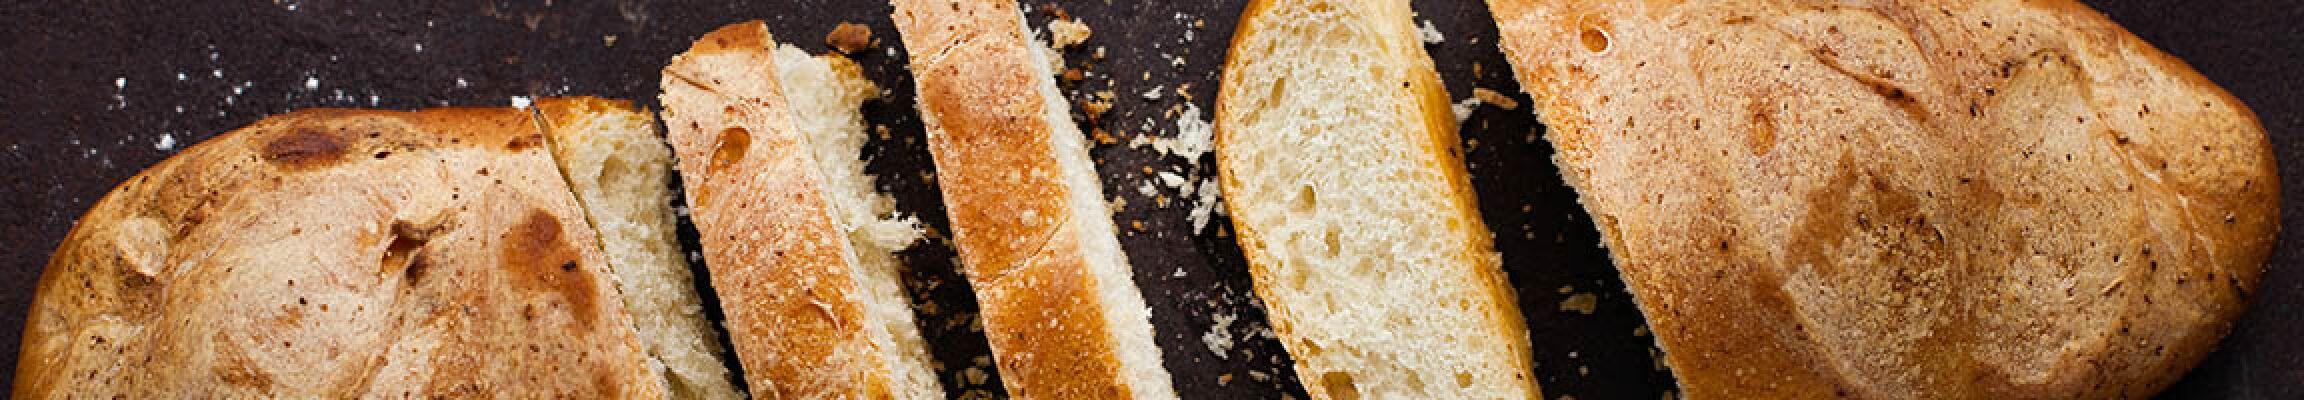 Sind glutenhaltige Lebensmittel beziehungsweise Gluten ungesund?